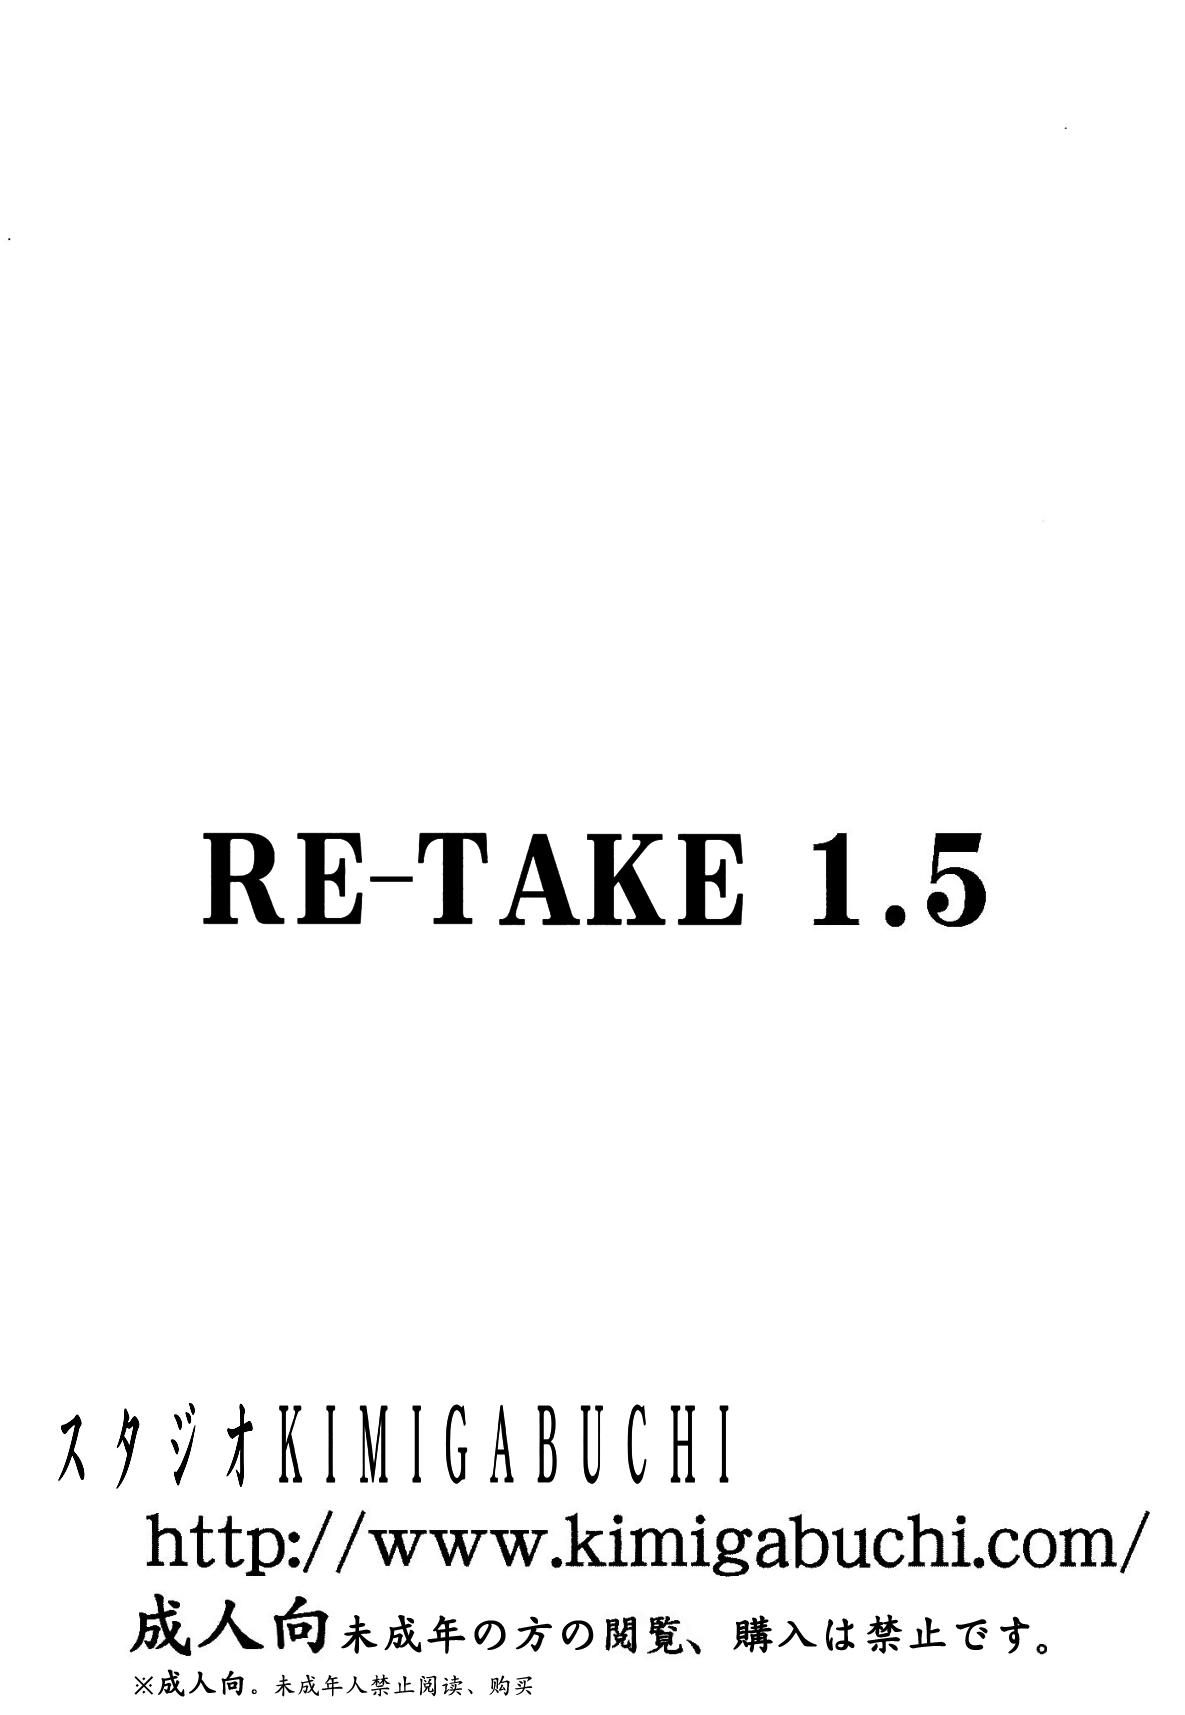 RE-TAKE 1.5 33